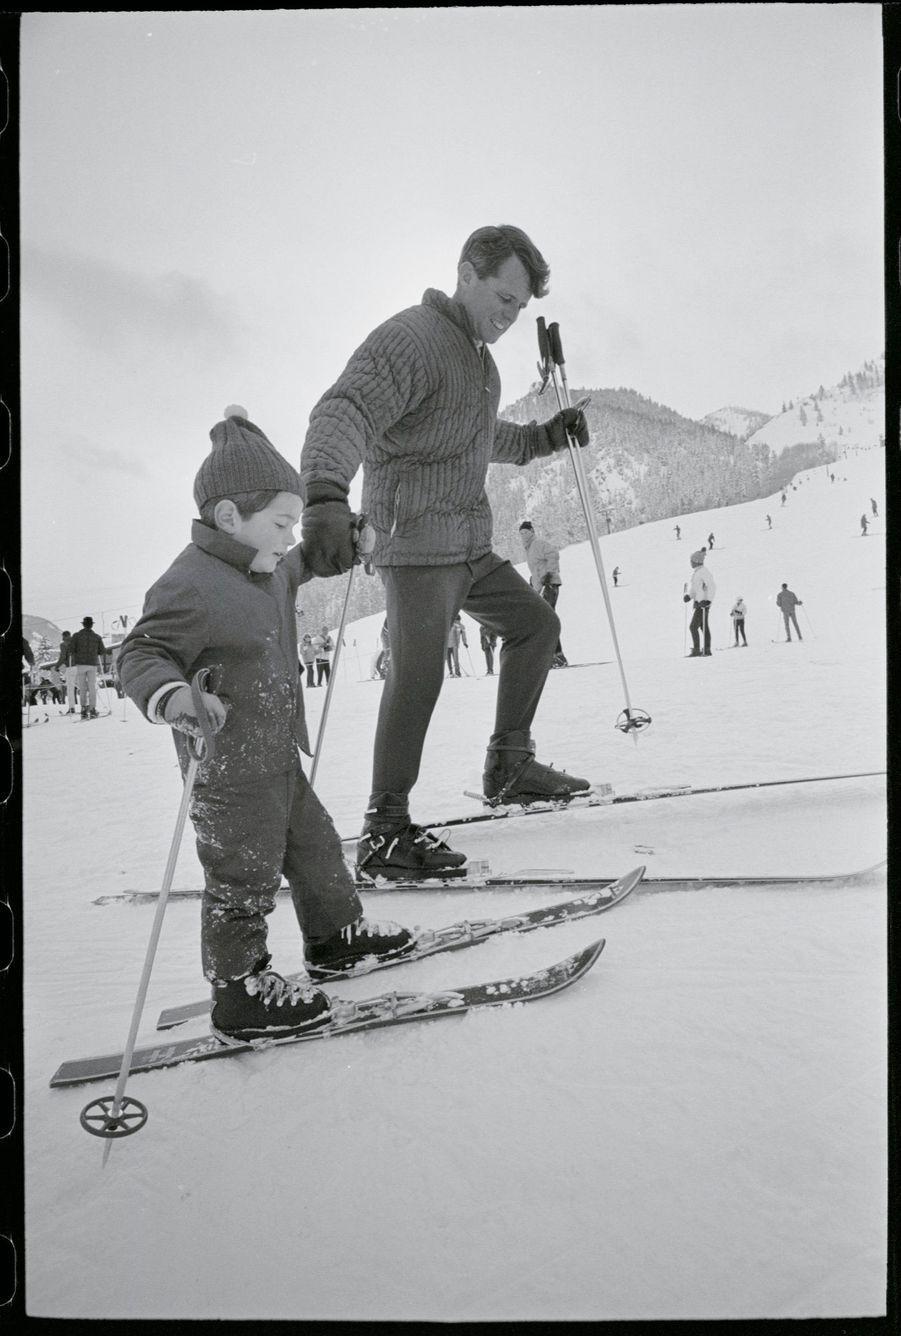 John Kennedy Jr. avec son oncle Robert Kennedy, lors de vacances à Aspen, dans le Colorado, le 31 décembre 1964.